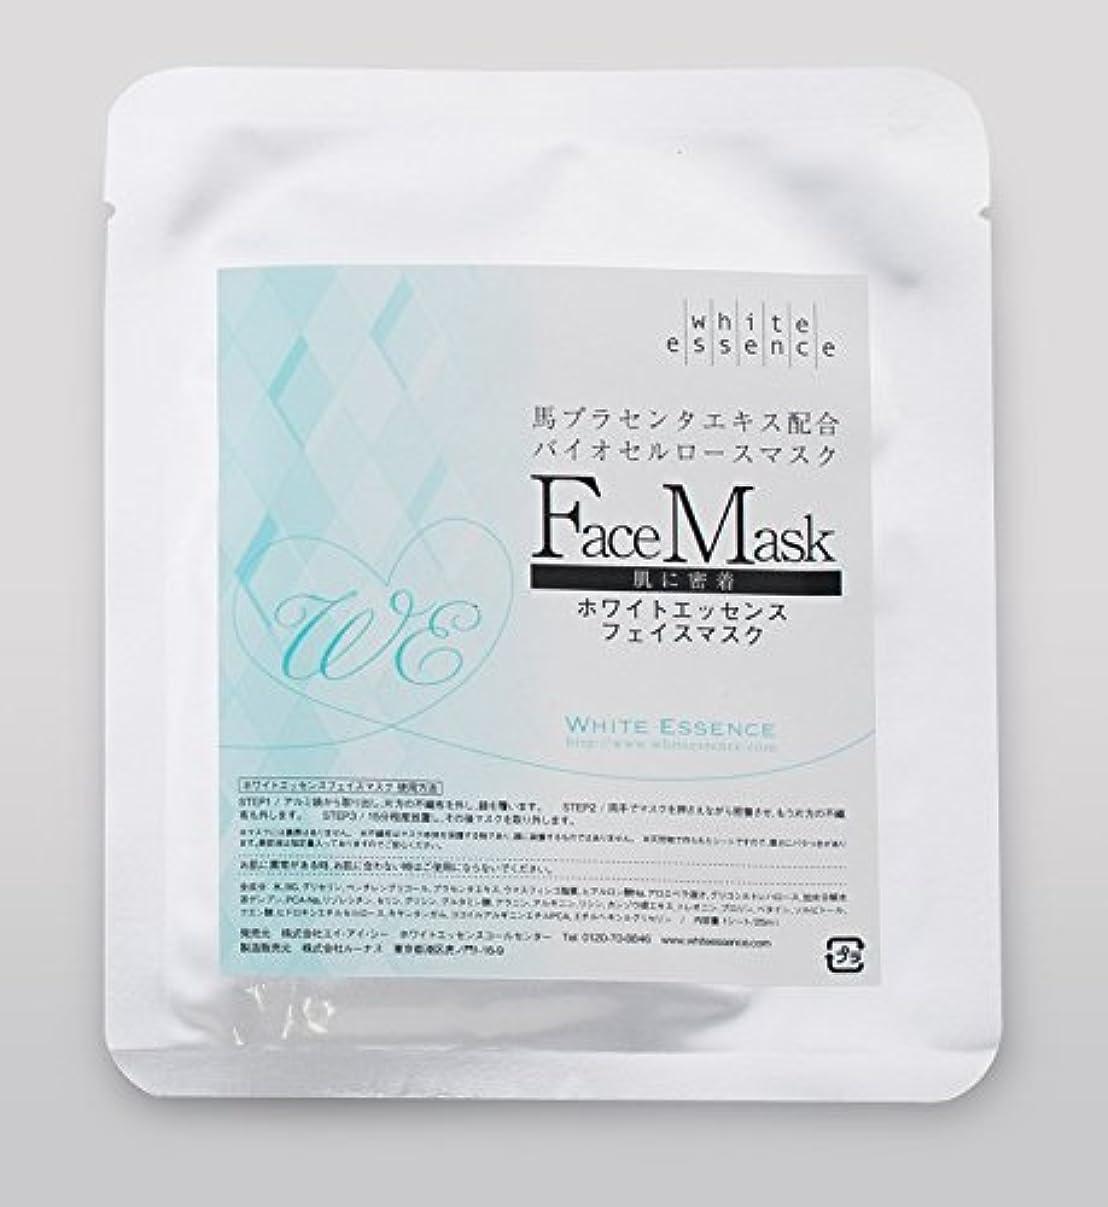 砂の寝室変成器ホワイトエッセンス 馬プラセンタ フェイスマスク